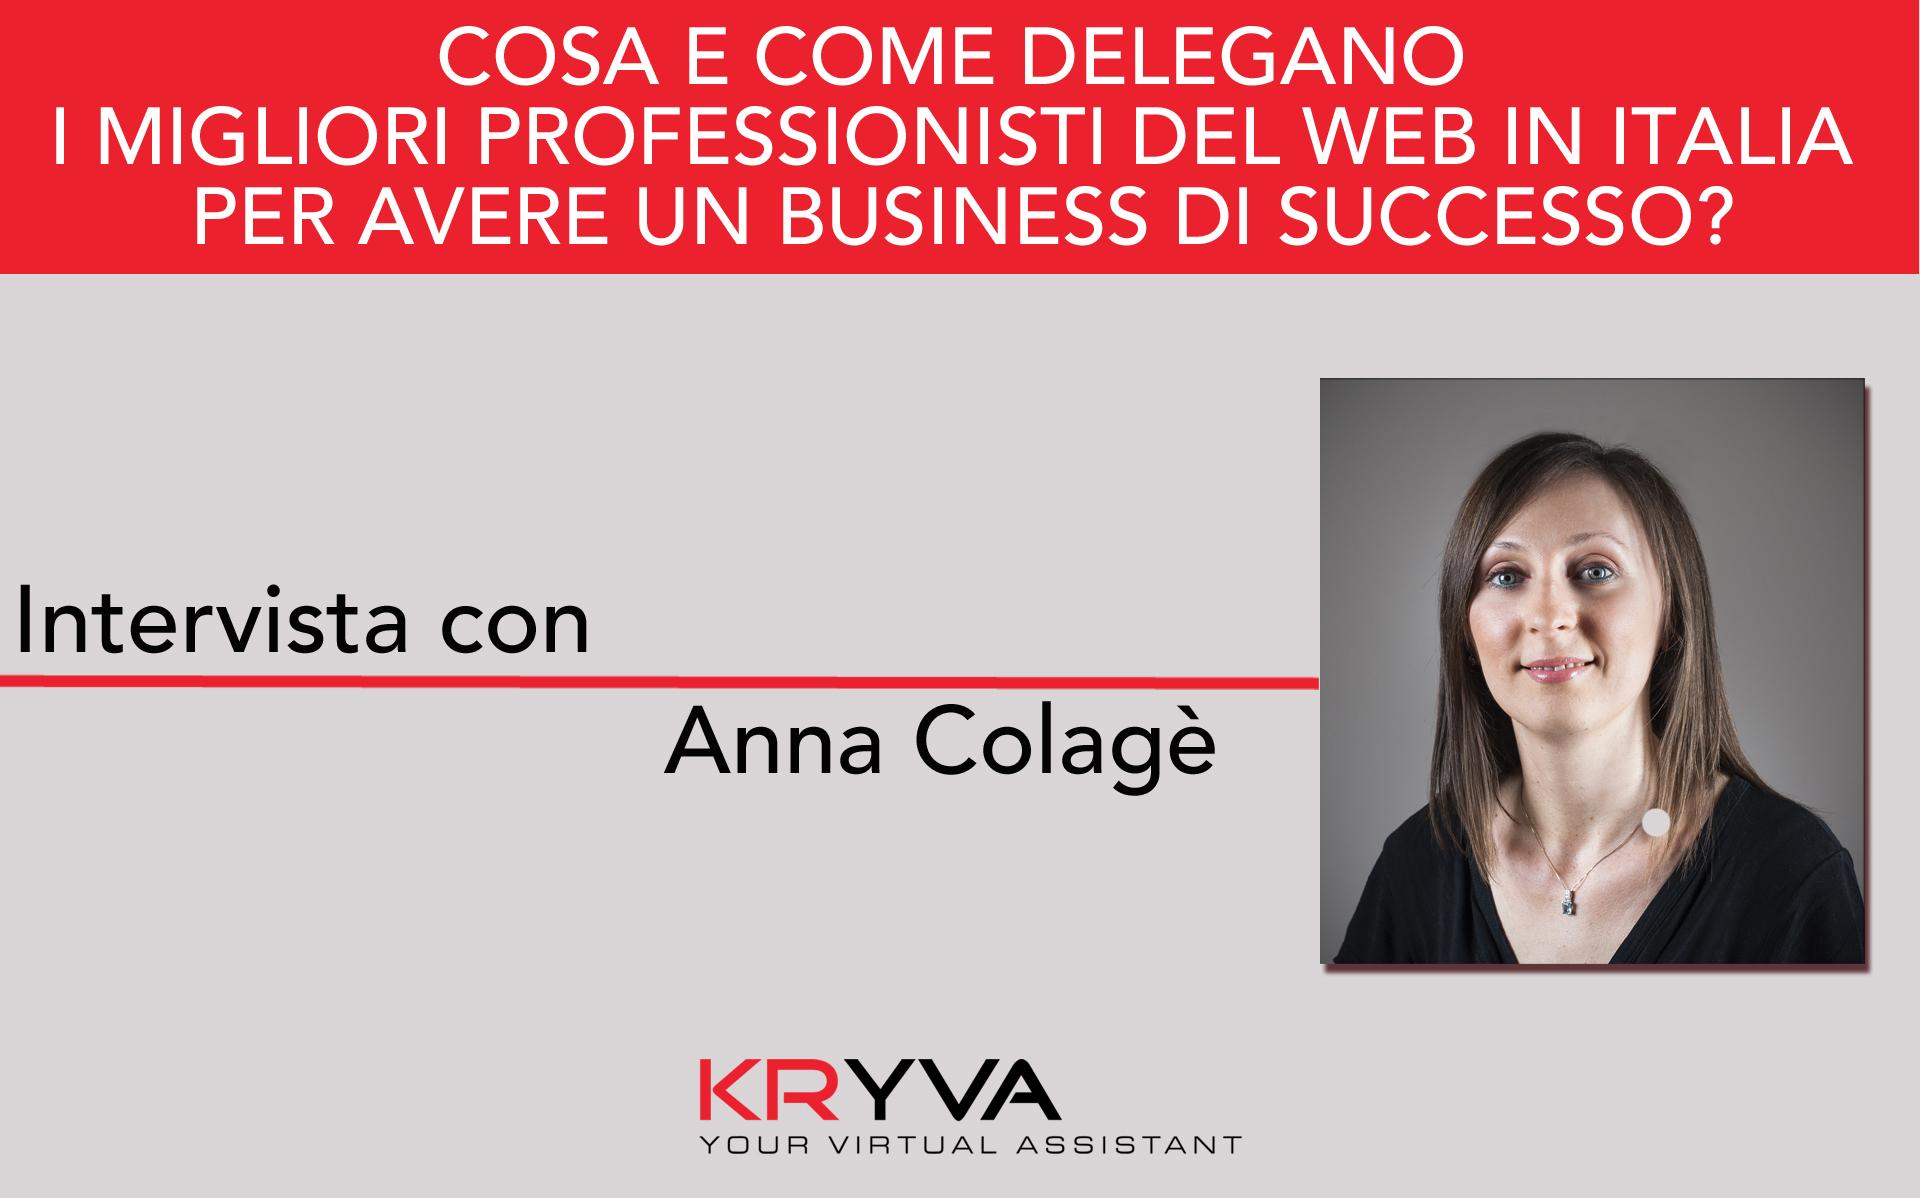 COSA E COME DELEGANO I MIGLIORI PROFESSIONISTI DEL WEB IN ITALIA PER AVERE UN BUSINESS DI SUCCESSO?INTERVISTA CON ANNA COLAGE'